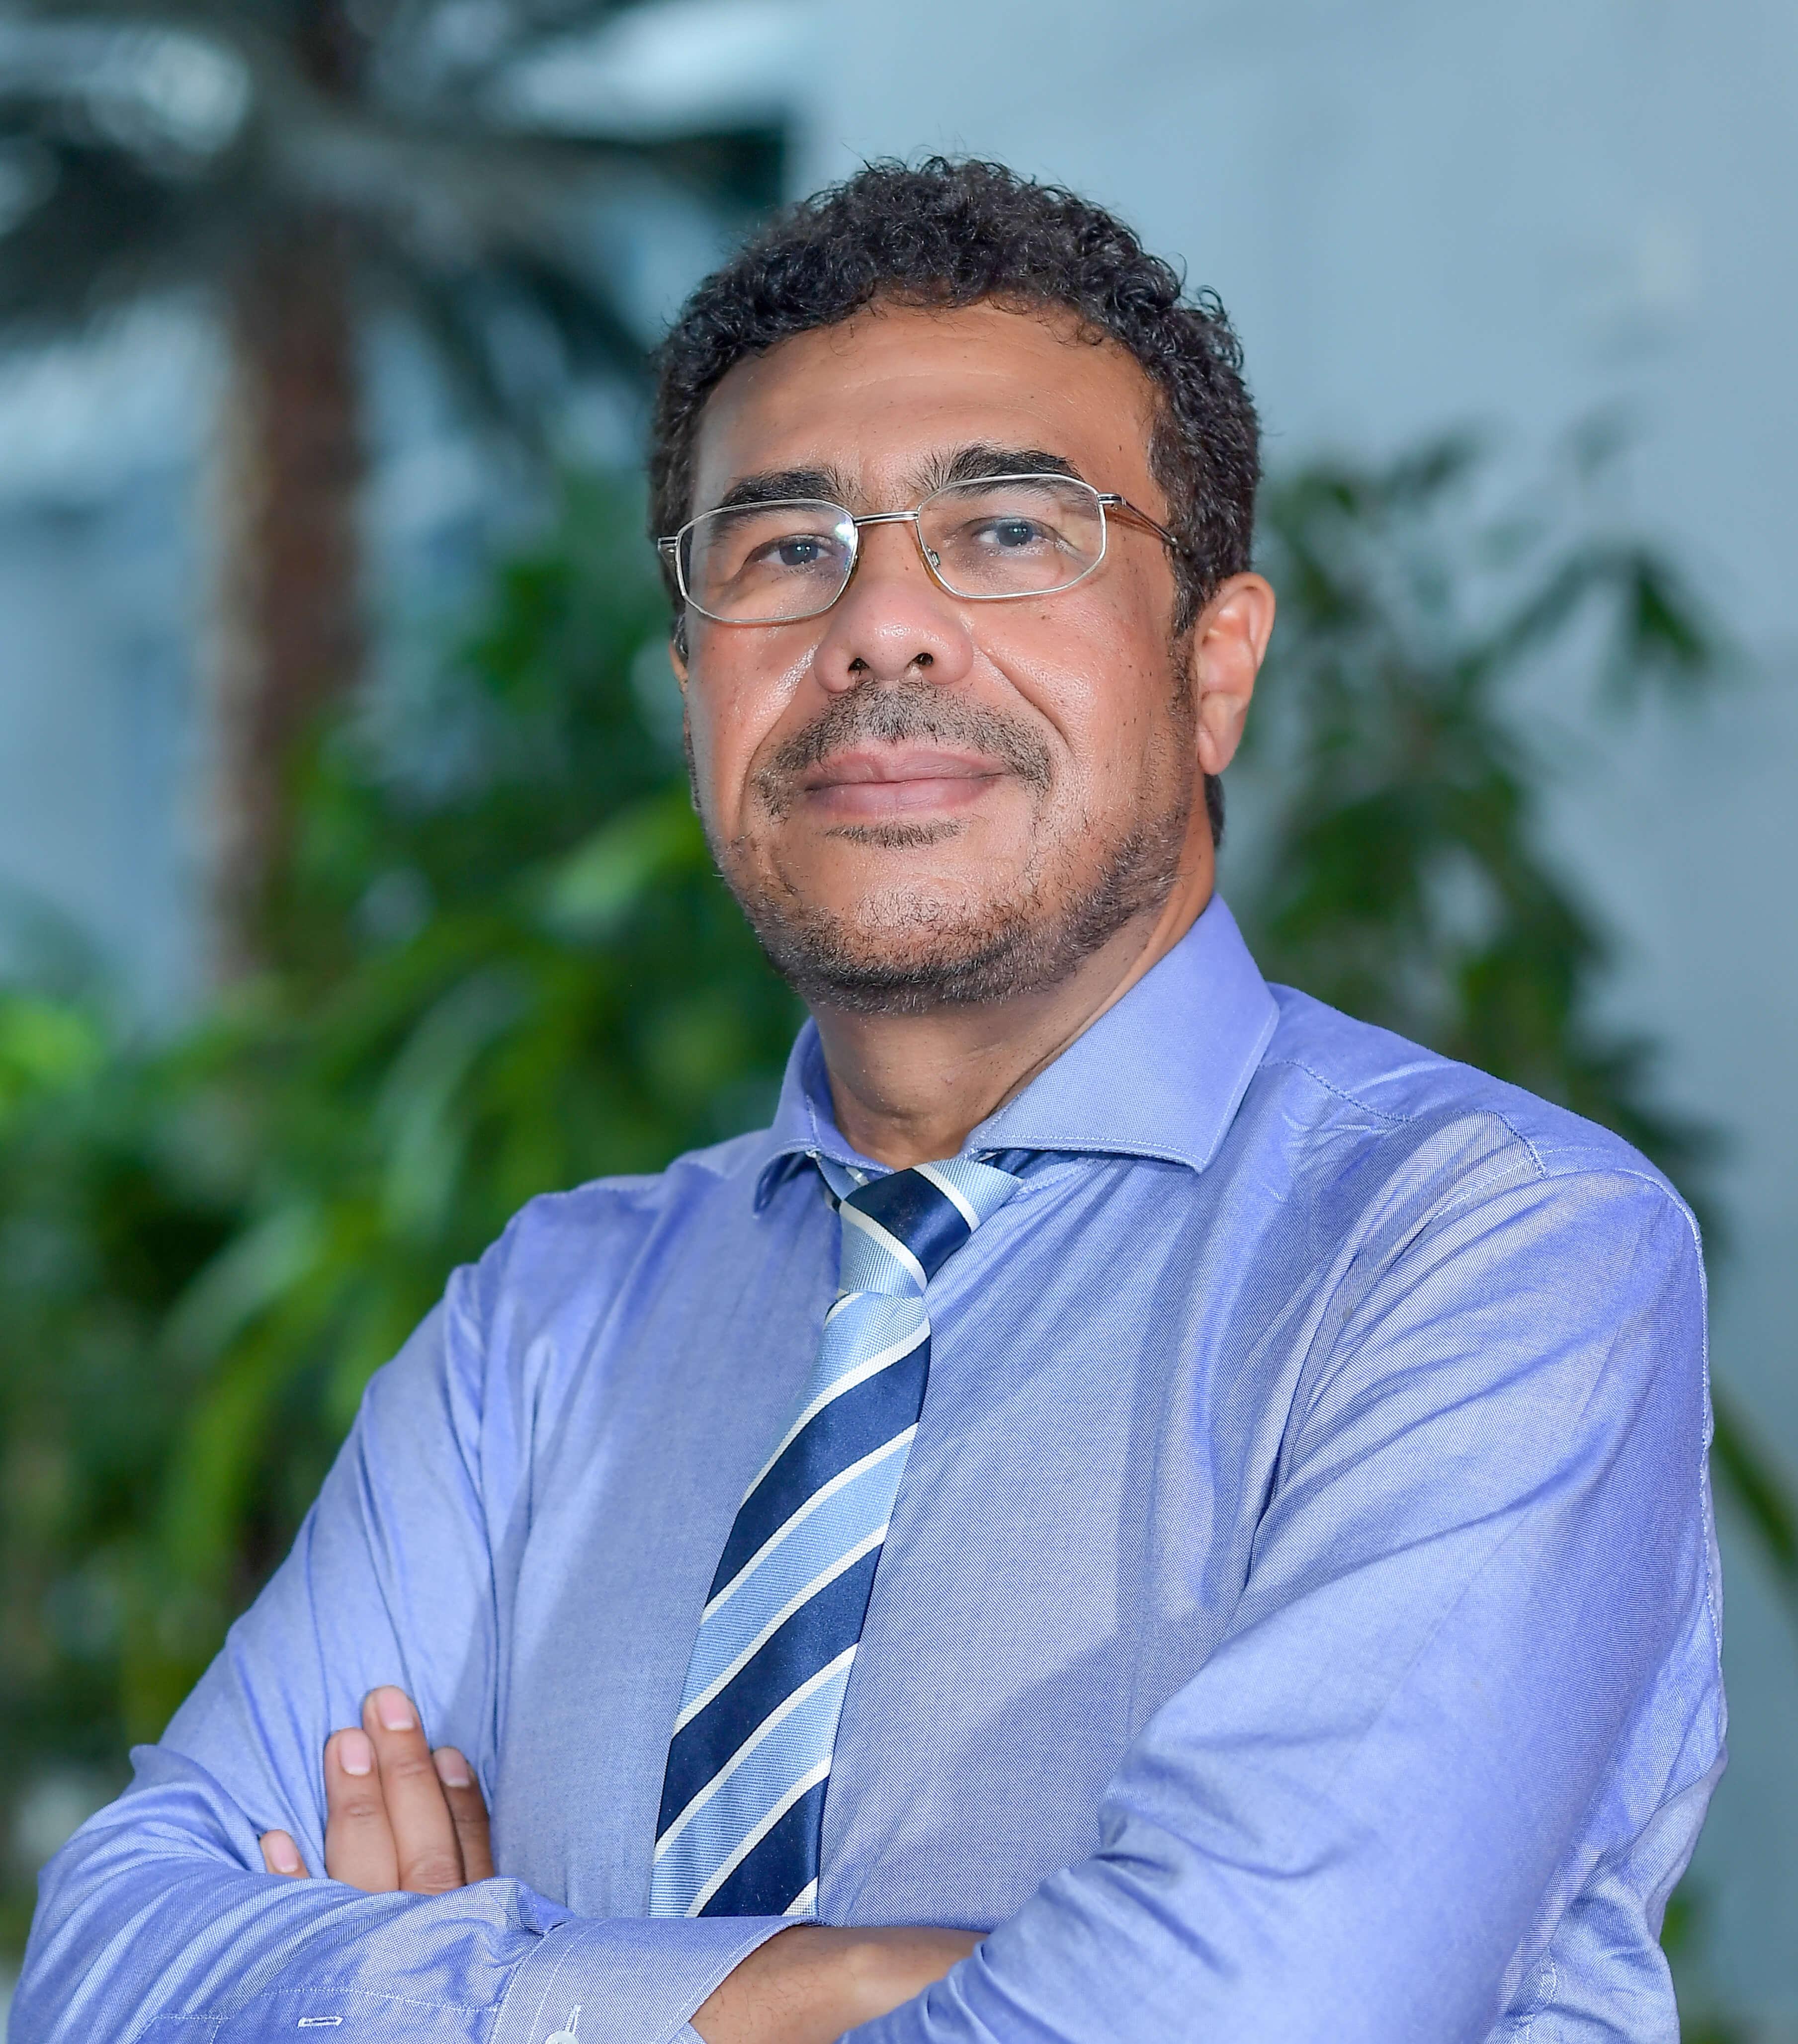 Dr. Kamal Salih Taha